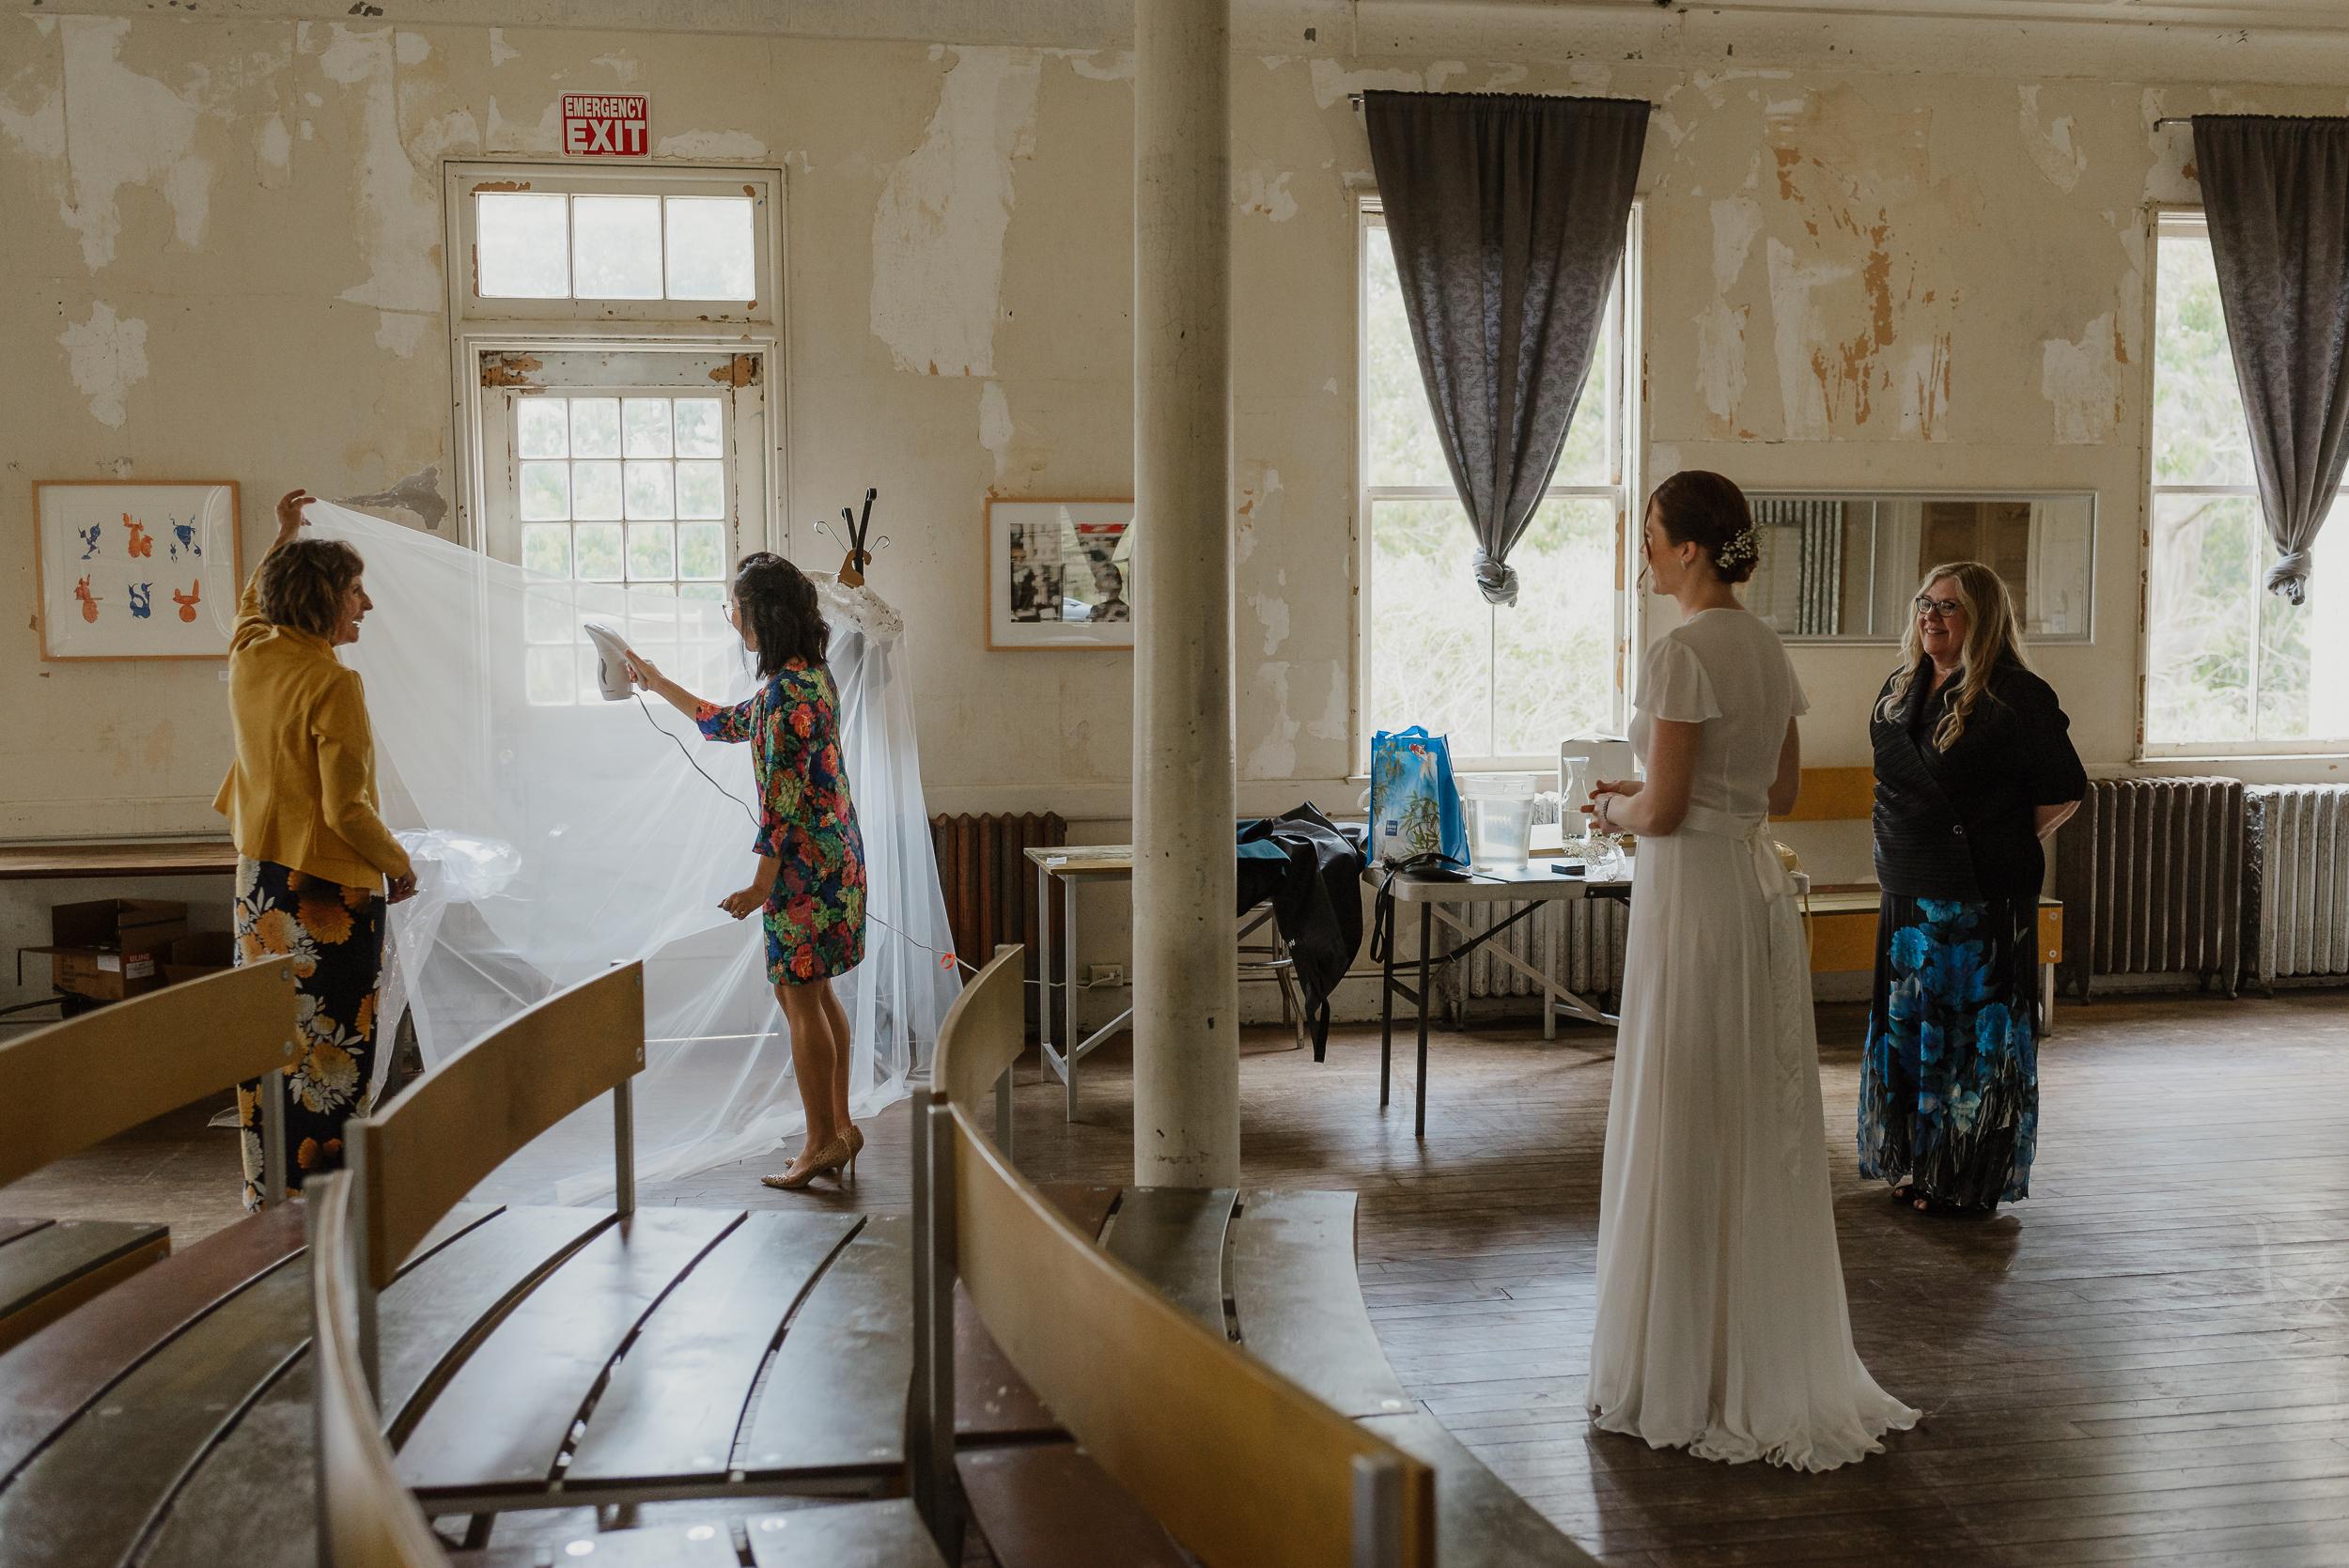 009-san-francisco-headlands-center-for-the-arts-wedding-vivianchen-072.jpg